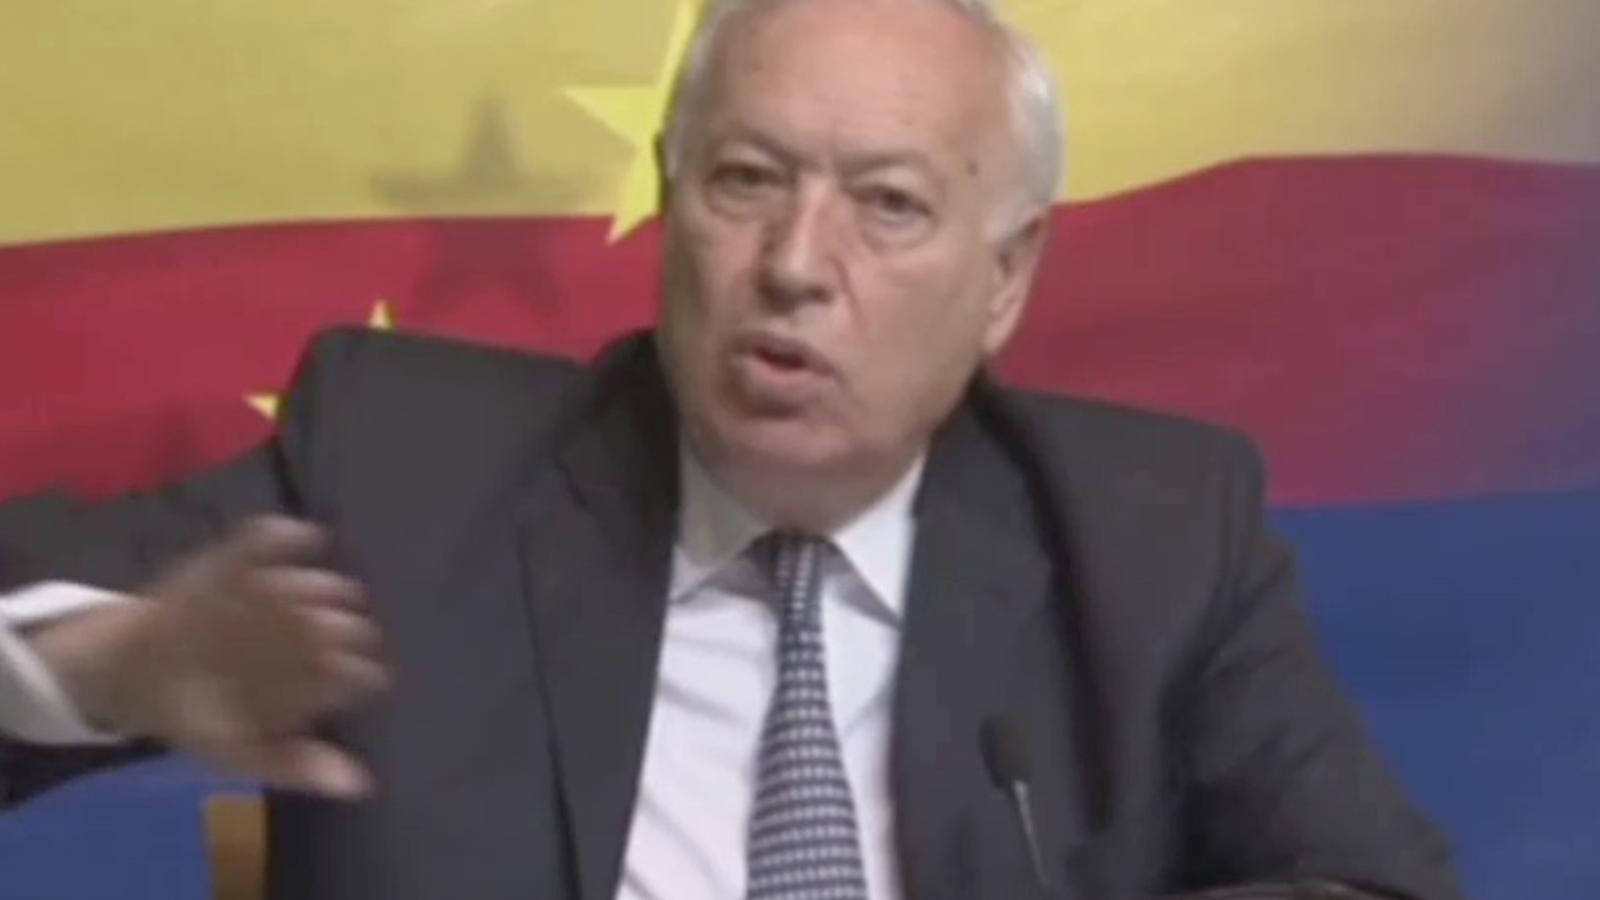 El ministre d'Exteriors espanyol critica Argentina en la trobada de cancellers de la UE